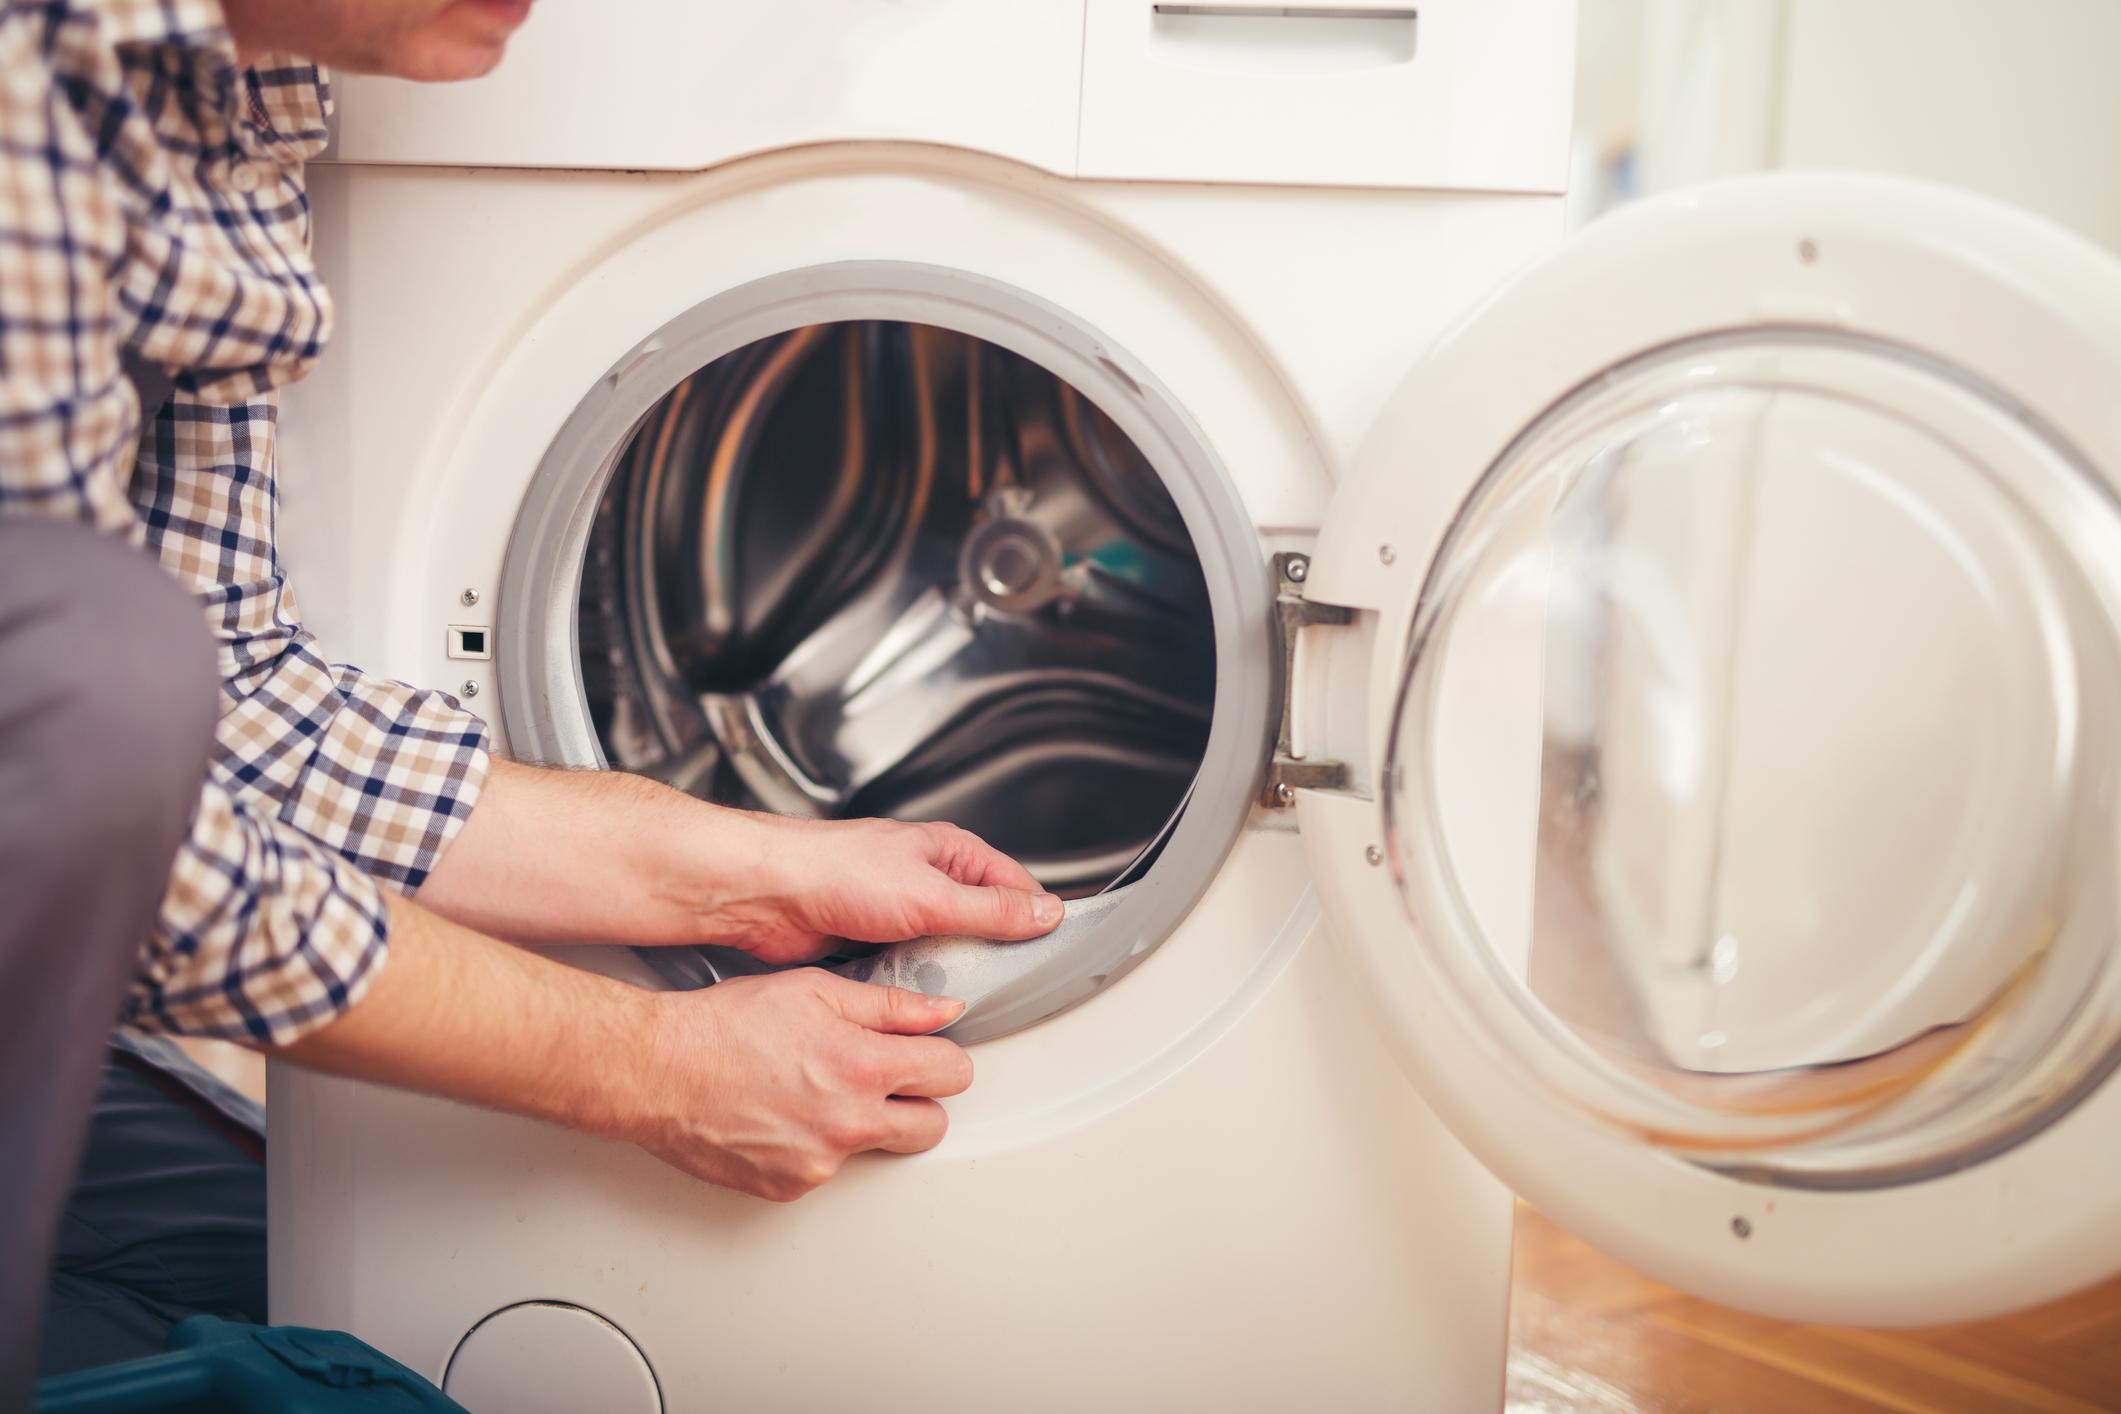 oblò lavatrice